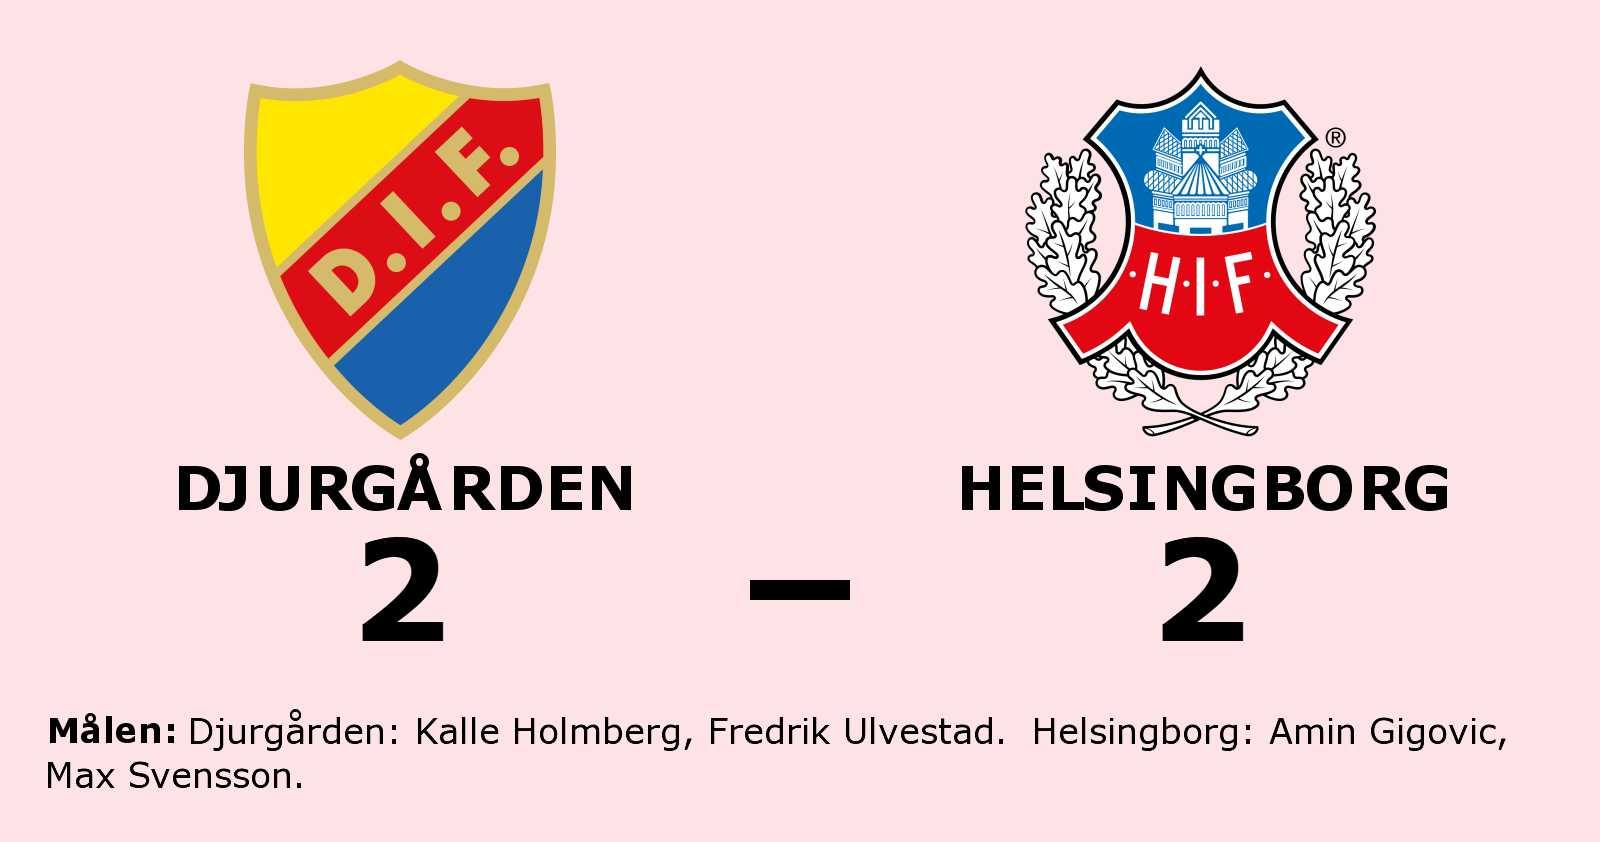 Helsingborg kryssade mot Djurgården